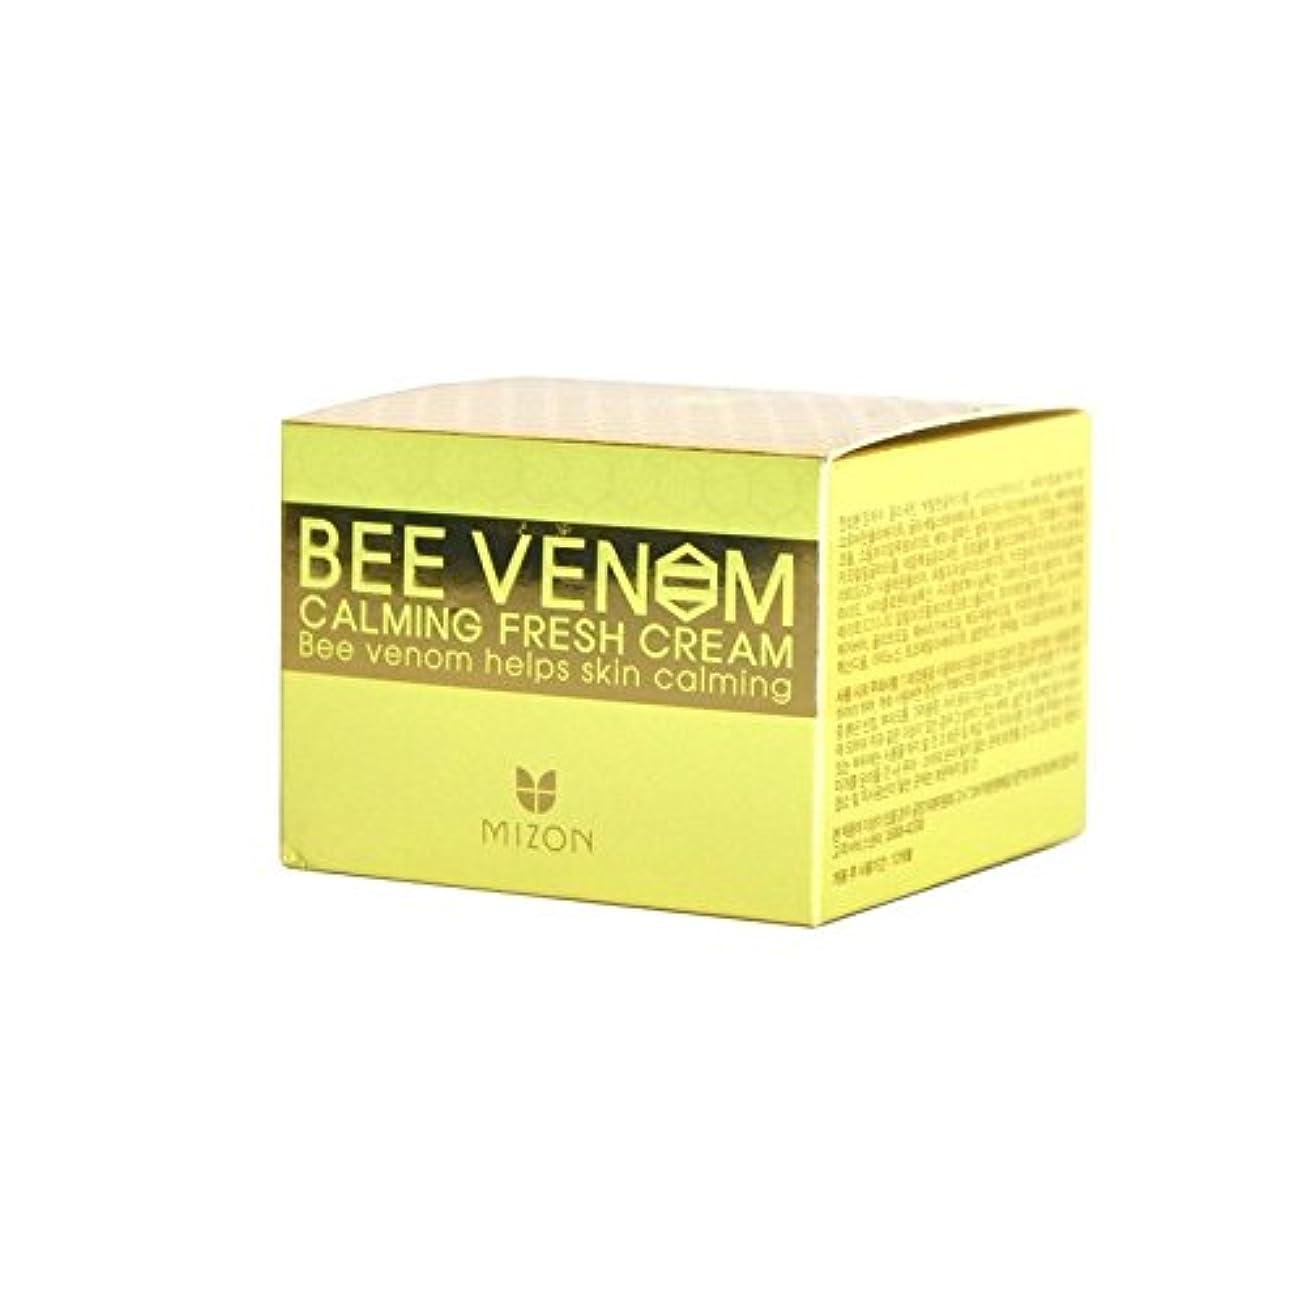 雑多な増強早い生クリームを落ち着かせるのハチ毒 x2 - Mizon Bee Venom Calming Fresh Cream (Pack of 2) [並行輸入品]